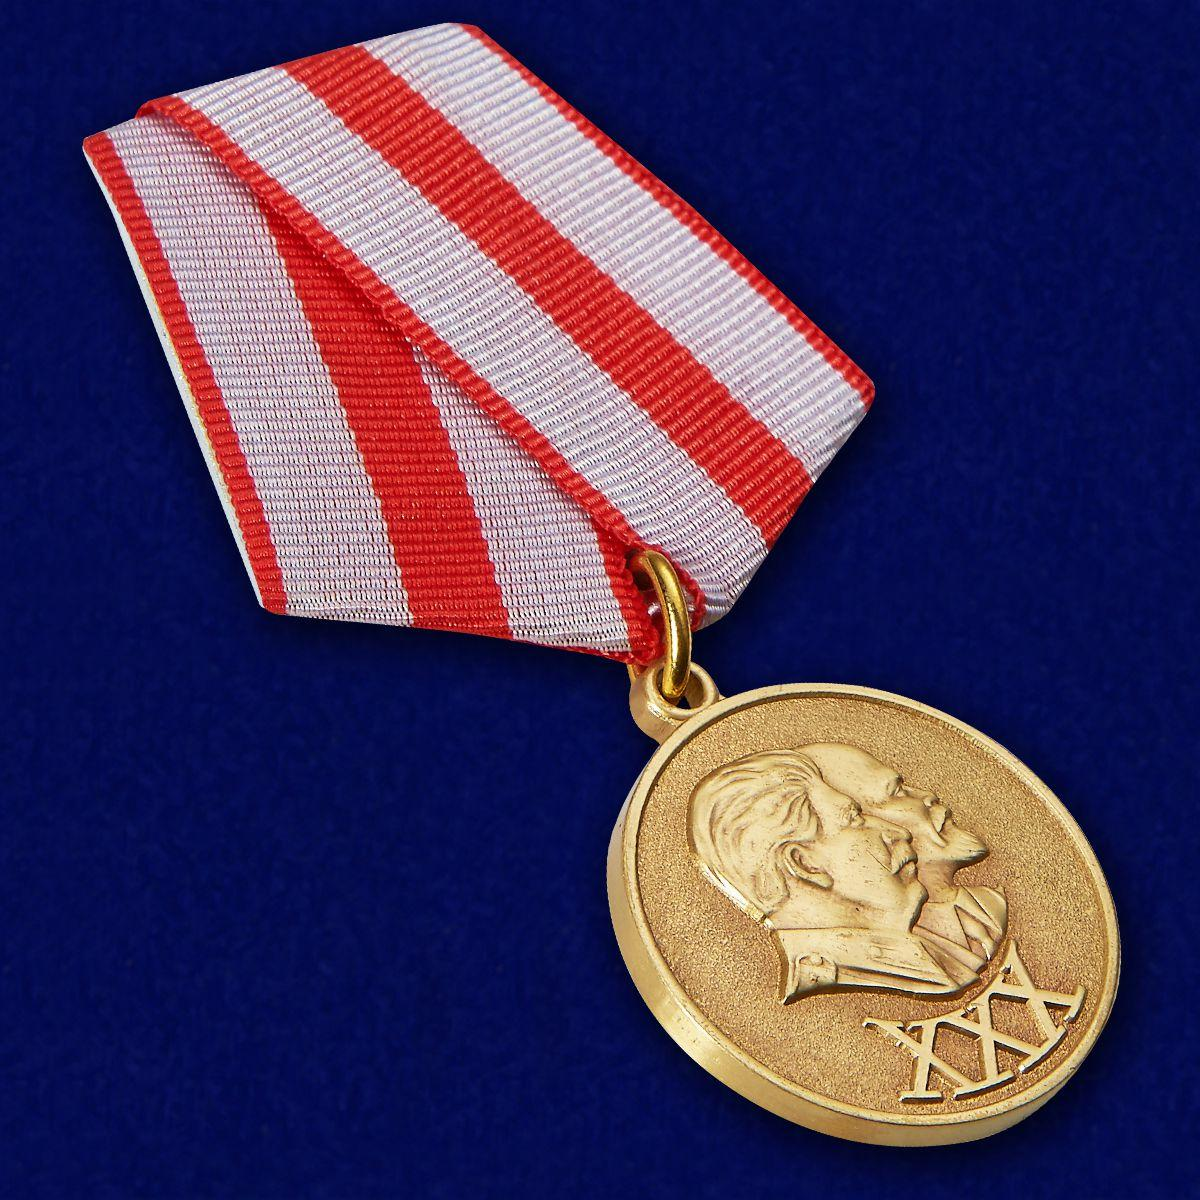 Расположение медалей ссср фото пожаловалась посетителю